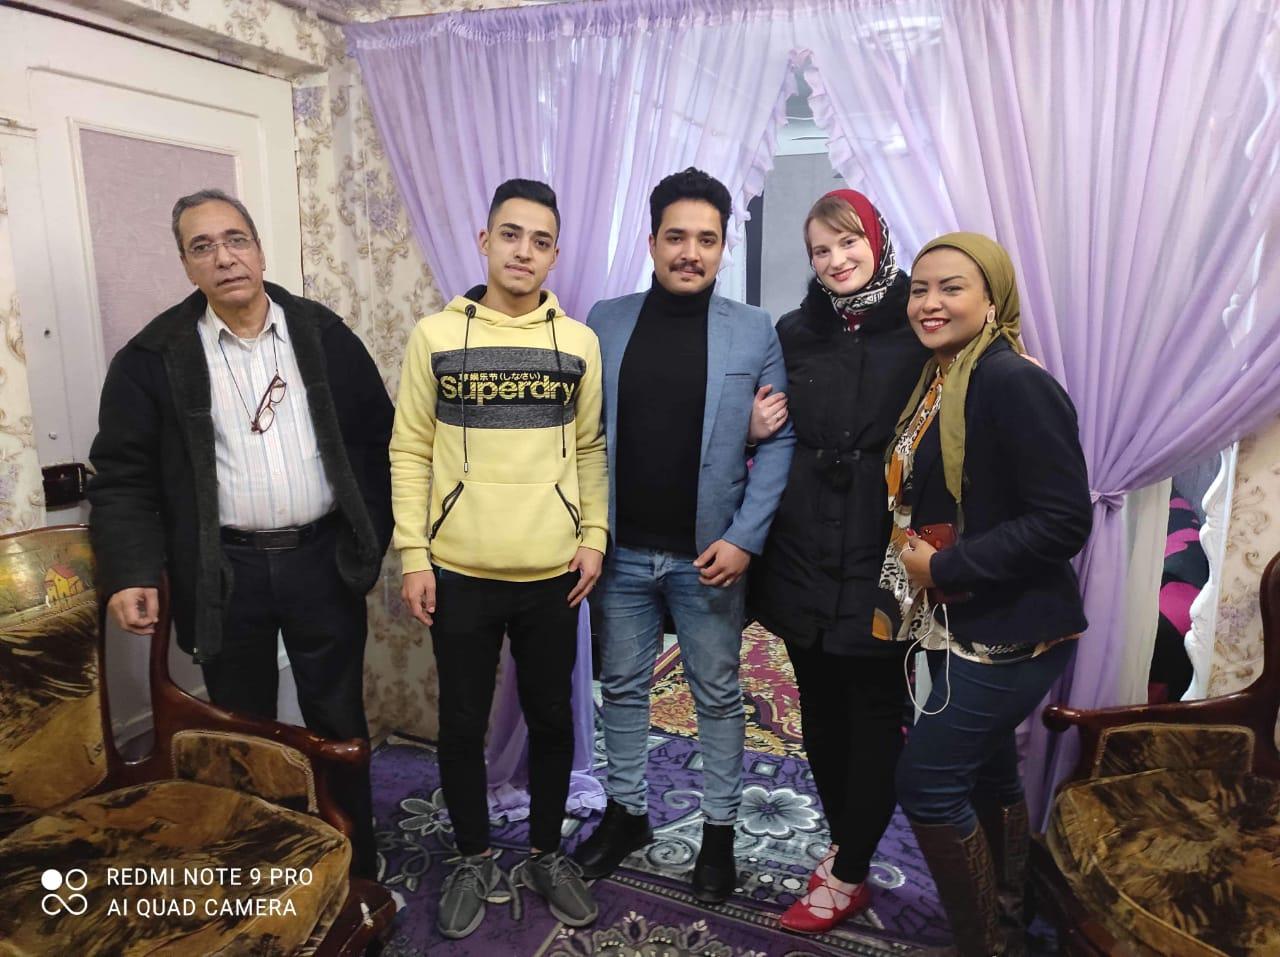 إلسا الهولندية مع زوجها الإسكندرانى وليد المصرى وأسرتها بصحبة محررة اليوم السابع